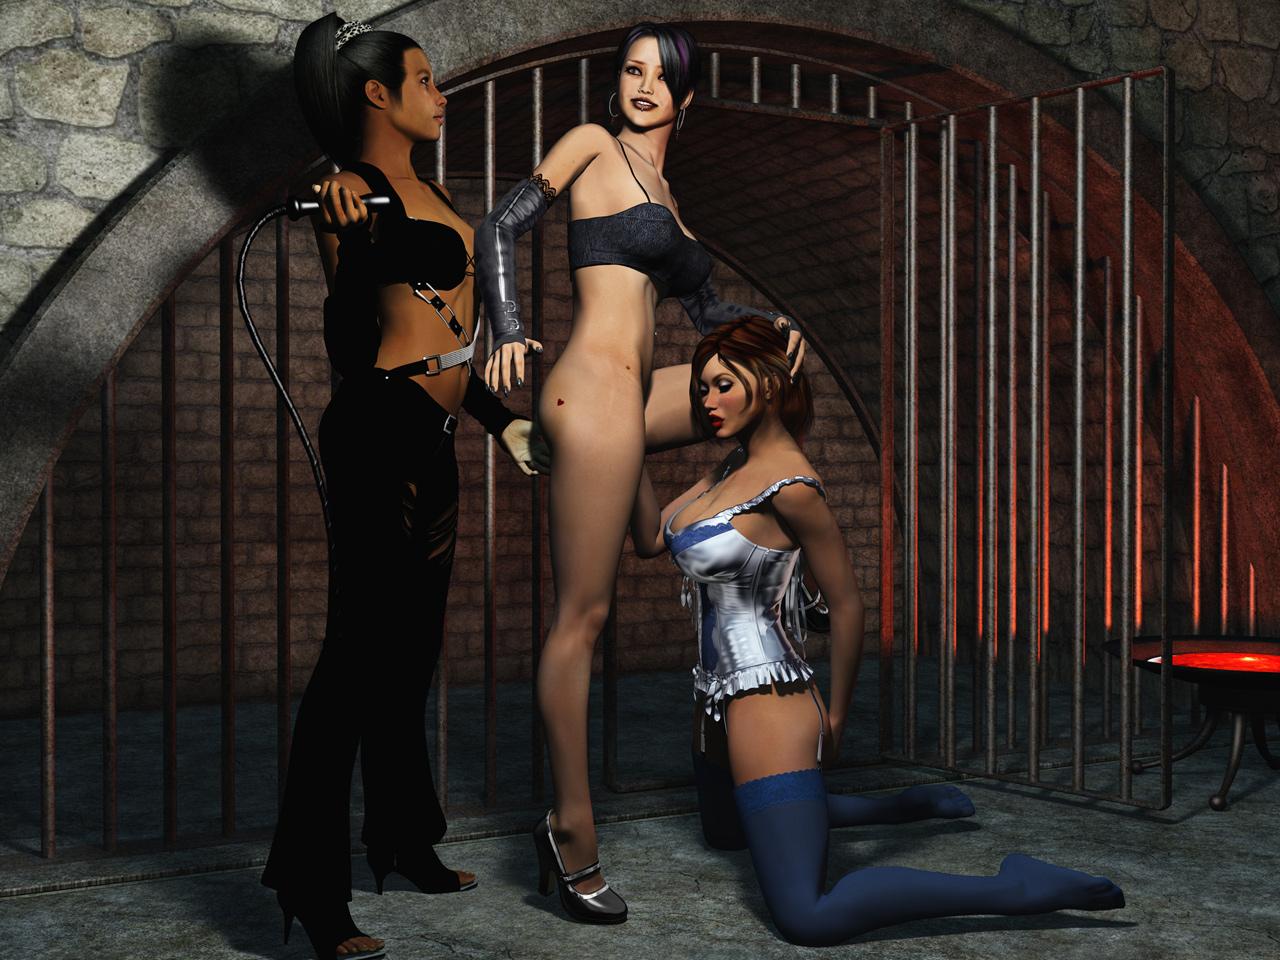 так раб в плену у госпожи видео брюнеточка идеальной фигурой